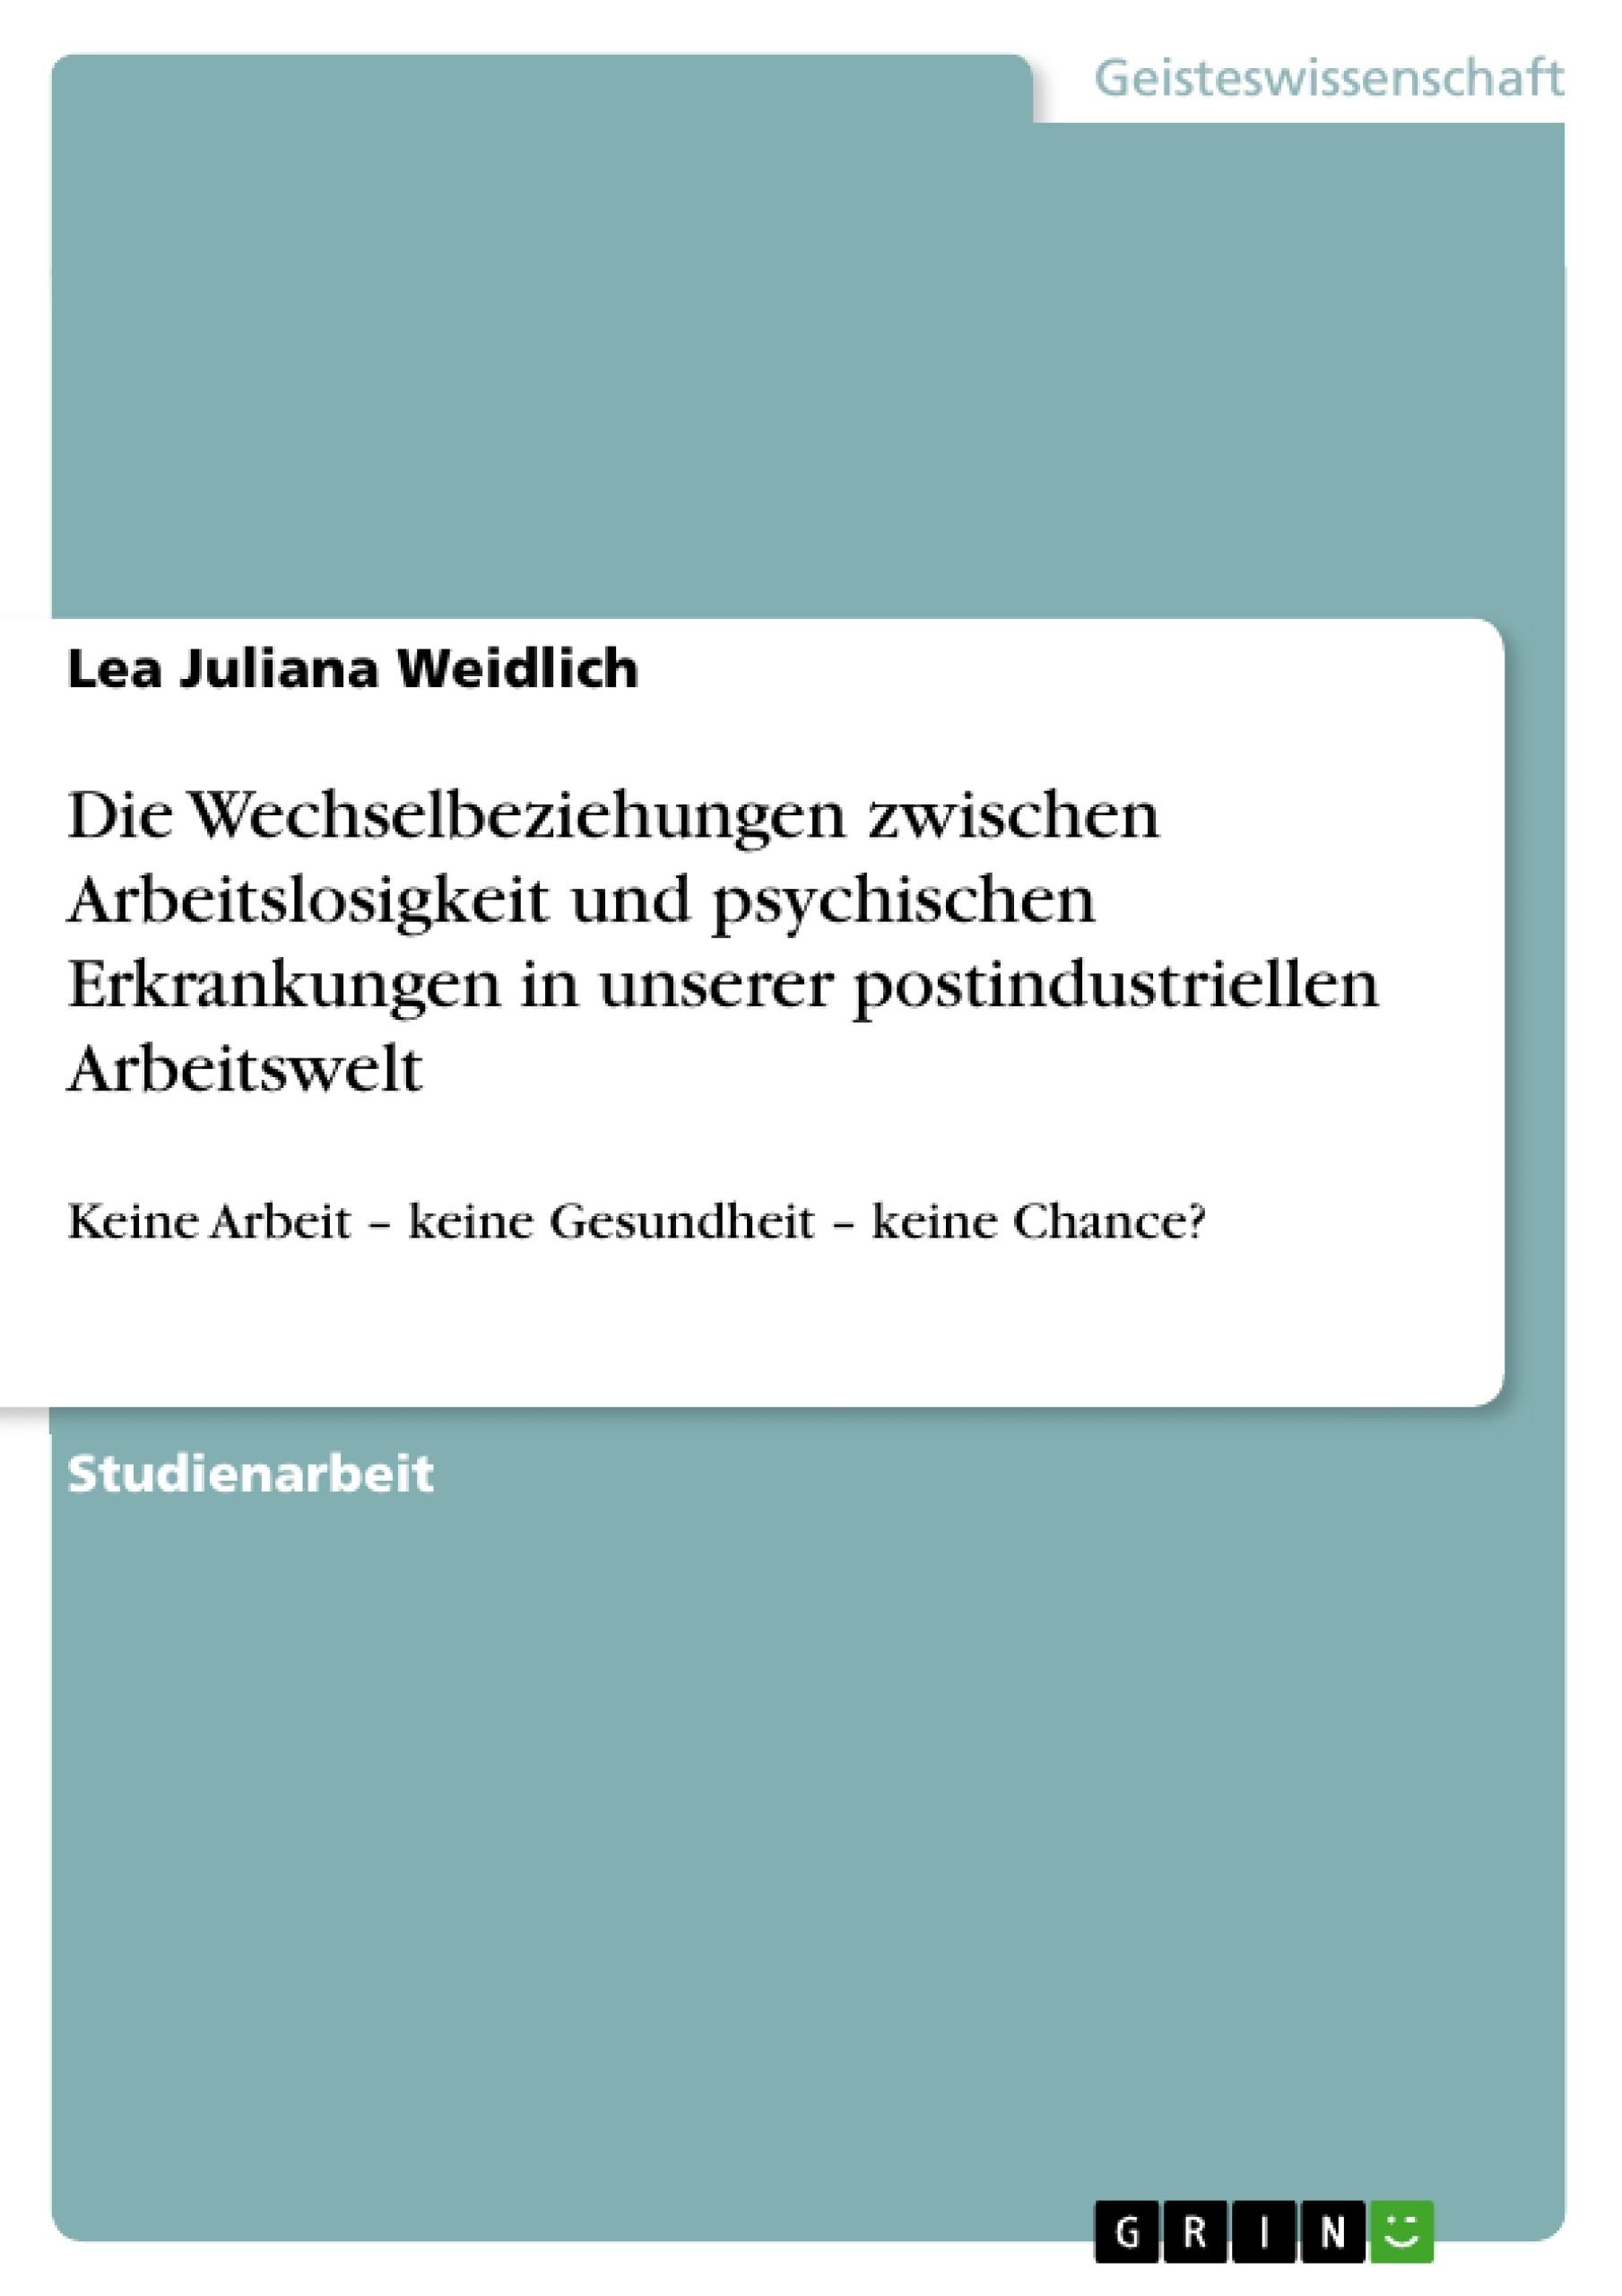 Titel: Die Wechselbeziehungen zwischen Arbeitslosigkeit und psychischen Erkrankungen in unserer postindustriellen Arbeitswelt